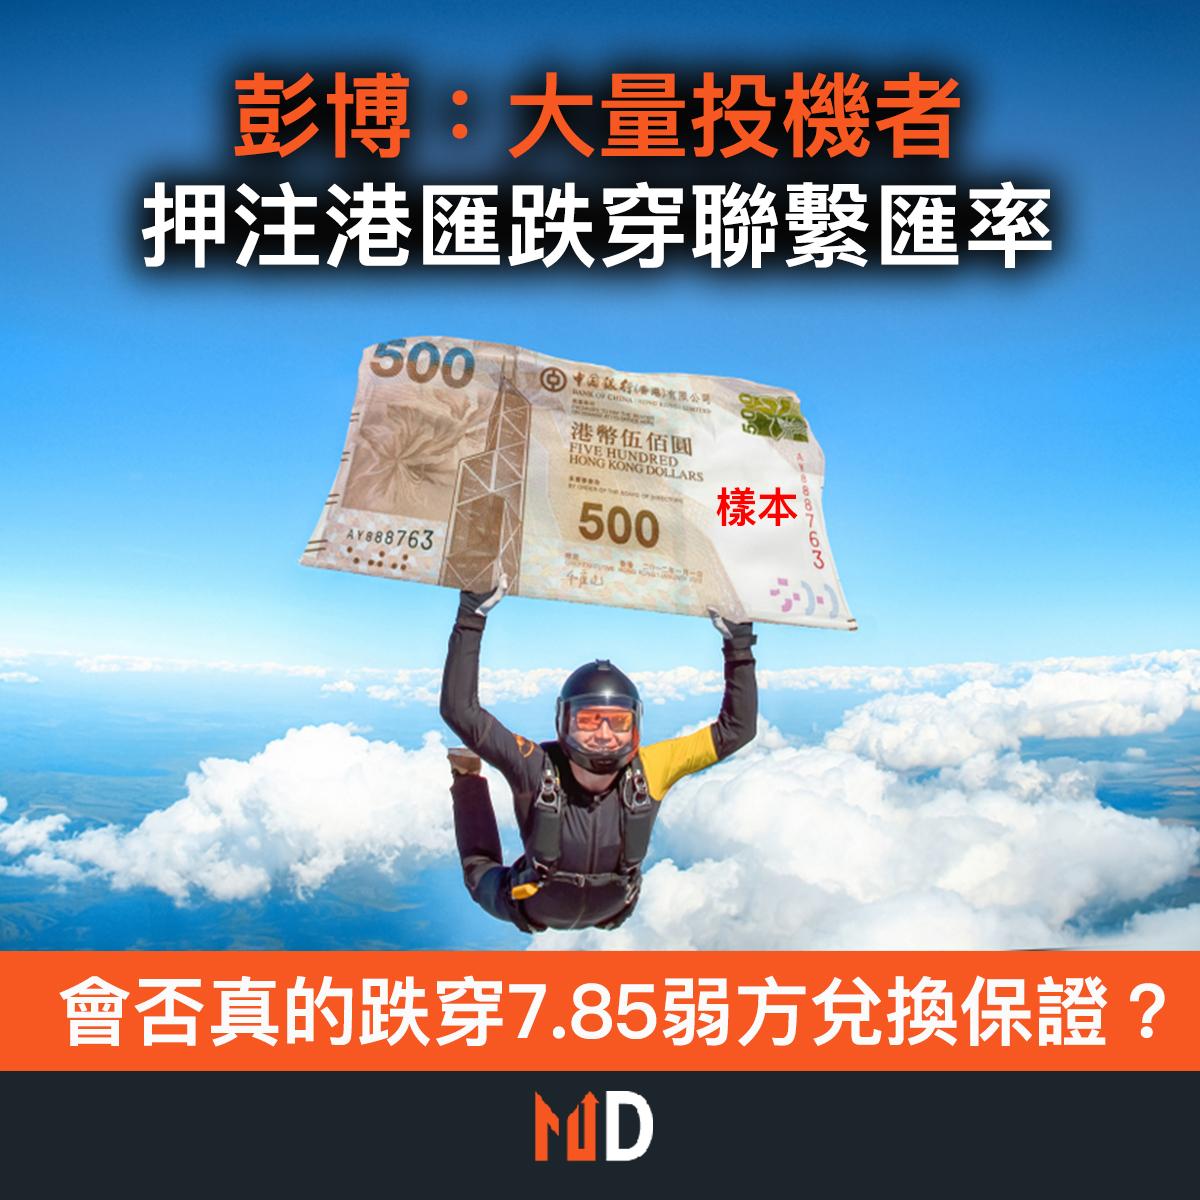 【市場熱話】彭博:大量投機者押注港匯跌穿聯繫匯率